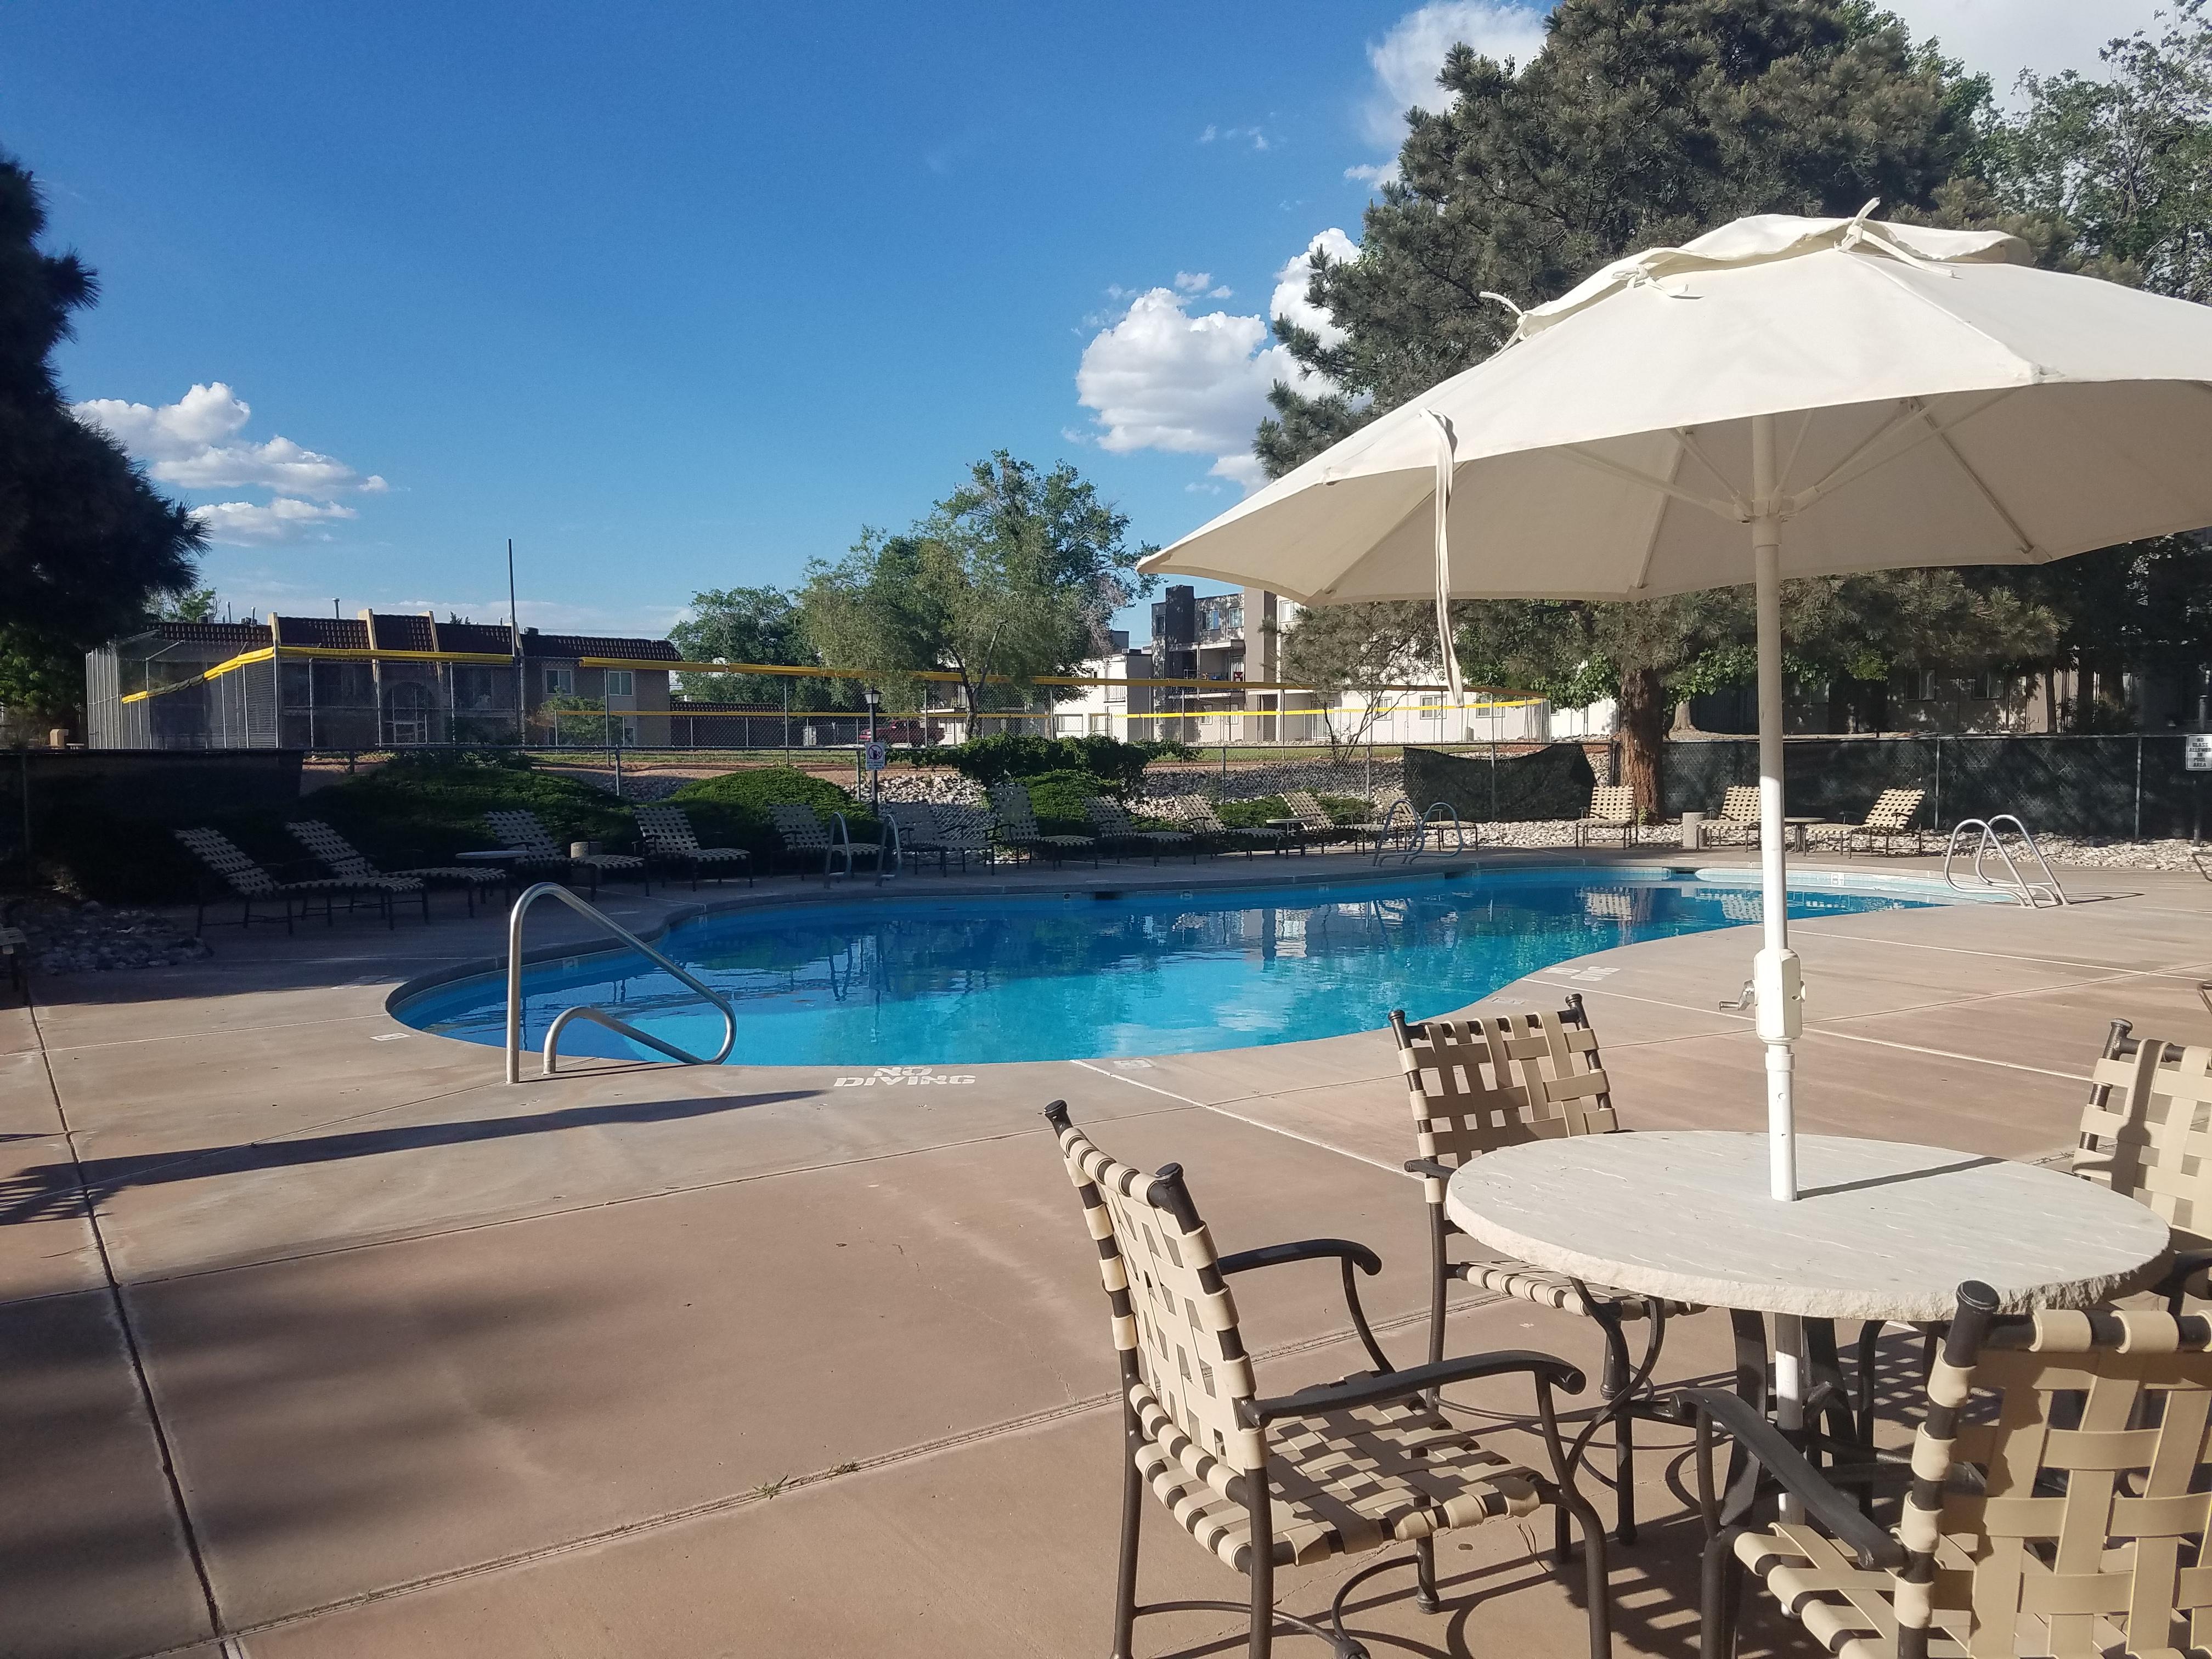 AZTC Pool